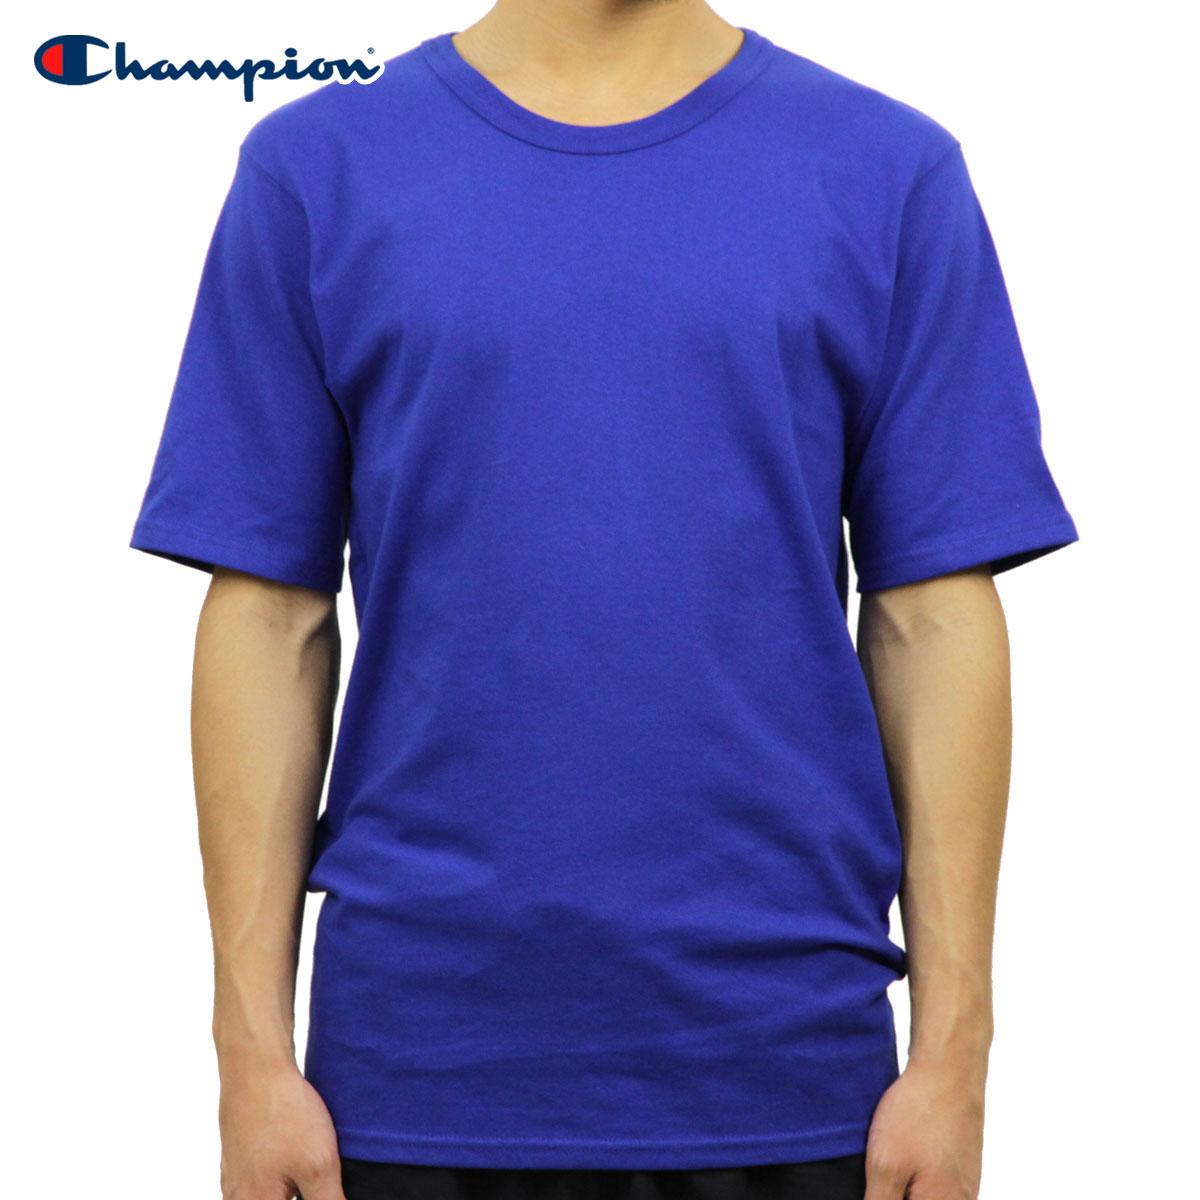 チャンピオン CHAMPION 正規品 メンズ 半袖Tシャツ CREW TEE T1919 Heritage Tee GUX-SURFTHEWEB D00S20